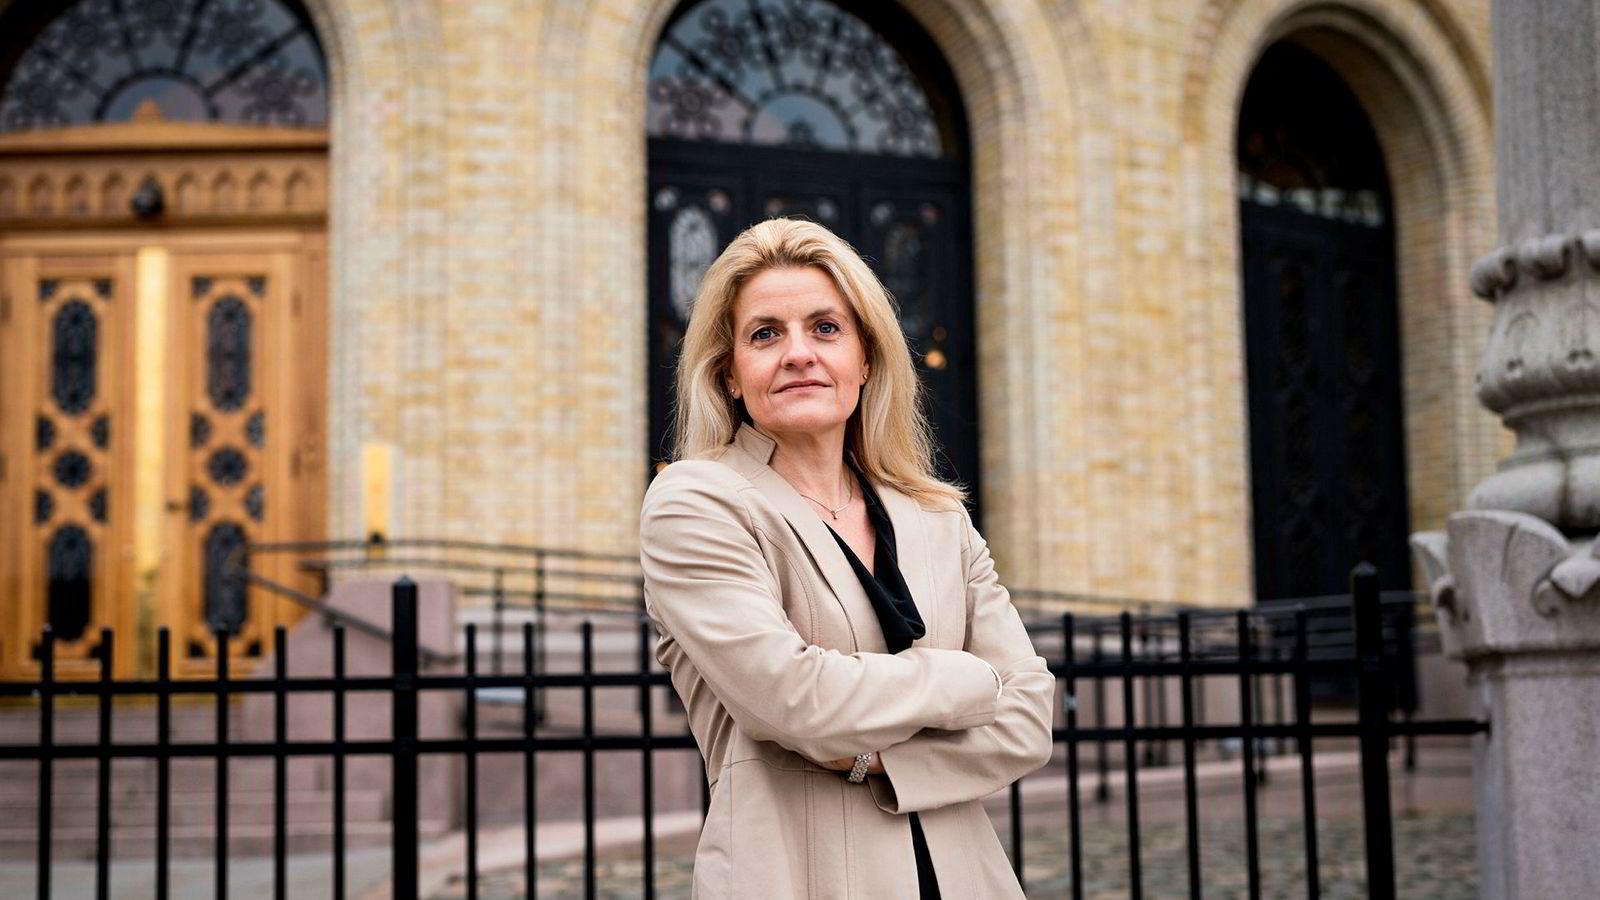 Forbrukerrådets direktør Inger Lise Blyverket mener DNB trenerer saken med å anke.